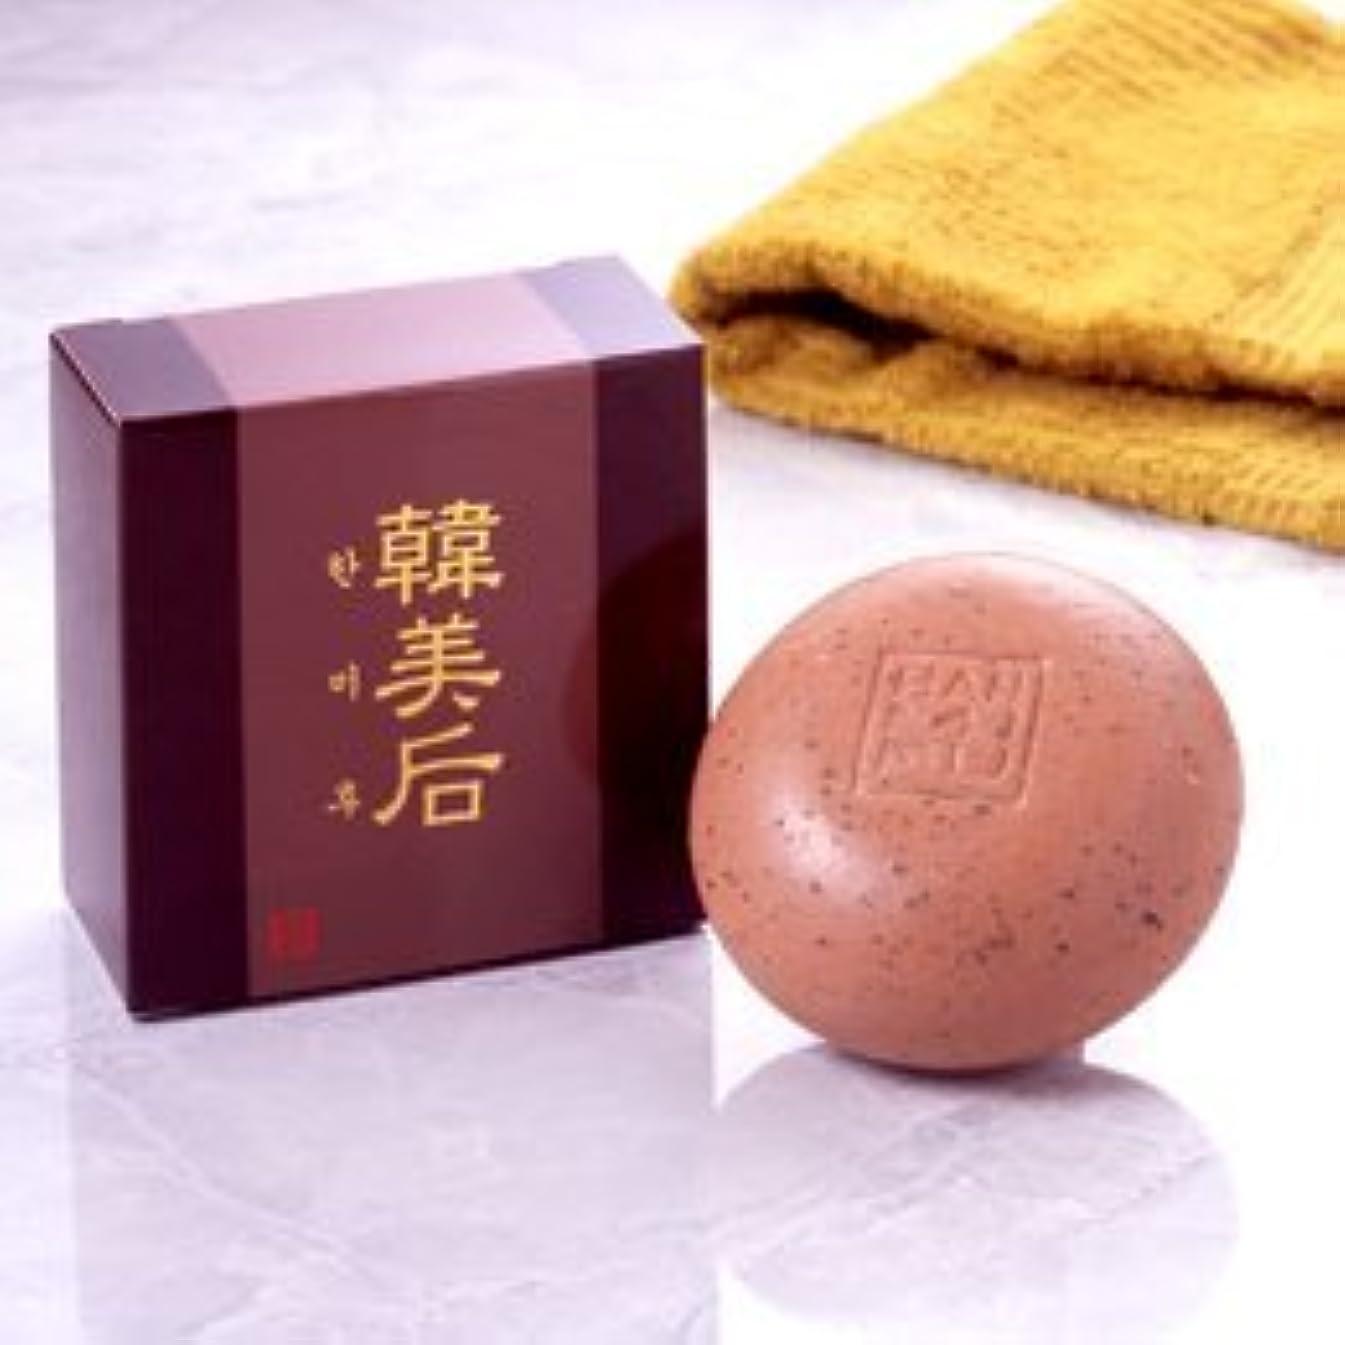 褐色コスチューム休憩する韓国原産の石けん【韓美后(はんみふ)】